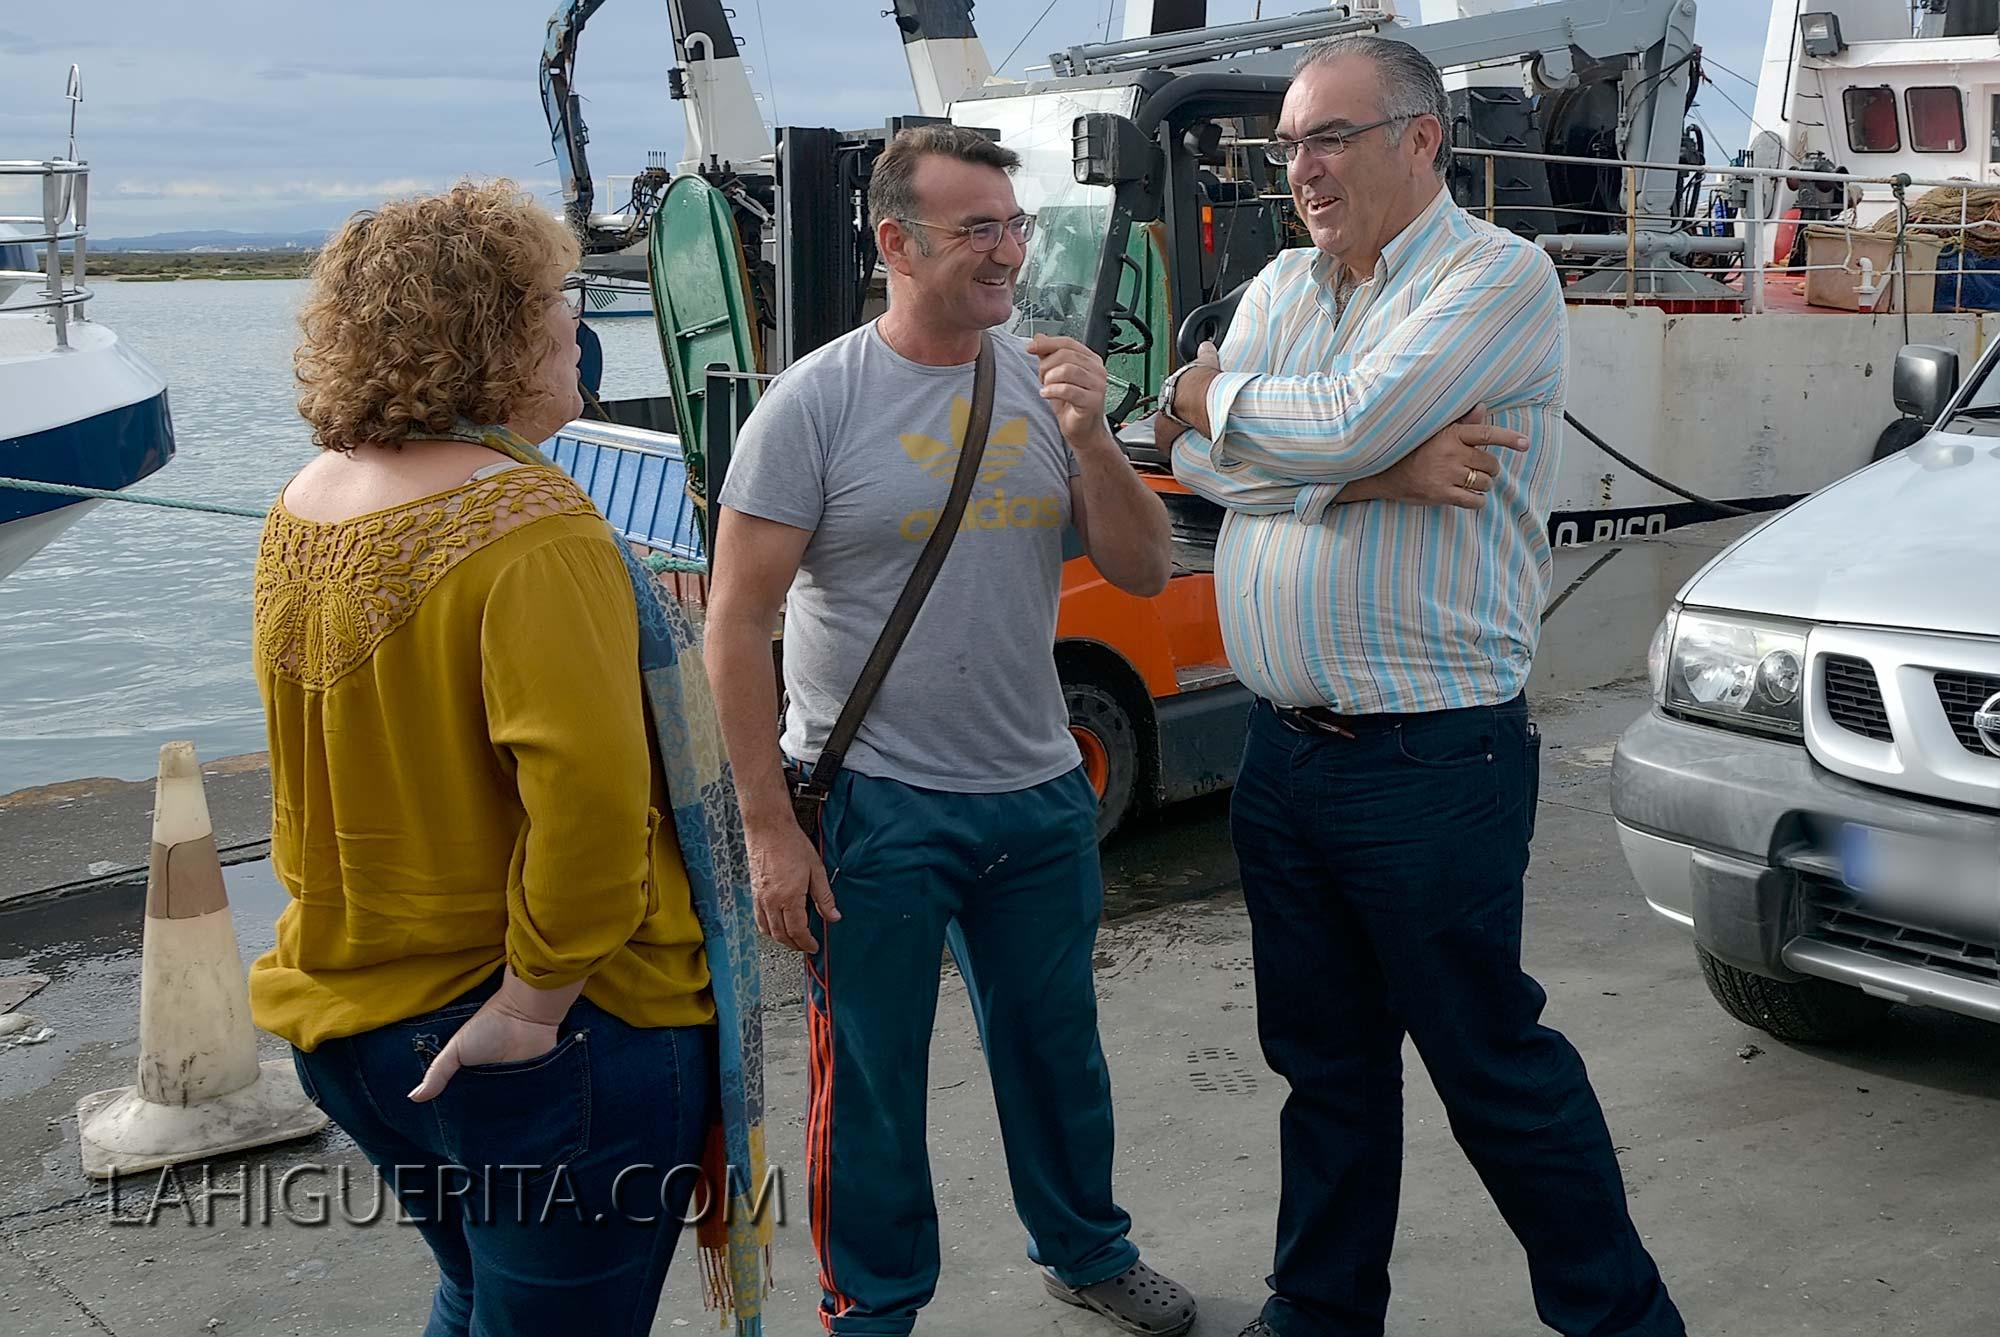 Dos candidaturas concurren en Isla Cristina a la cofradía de pescadores